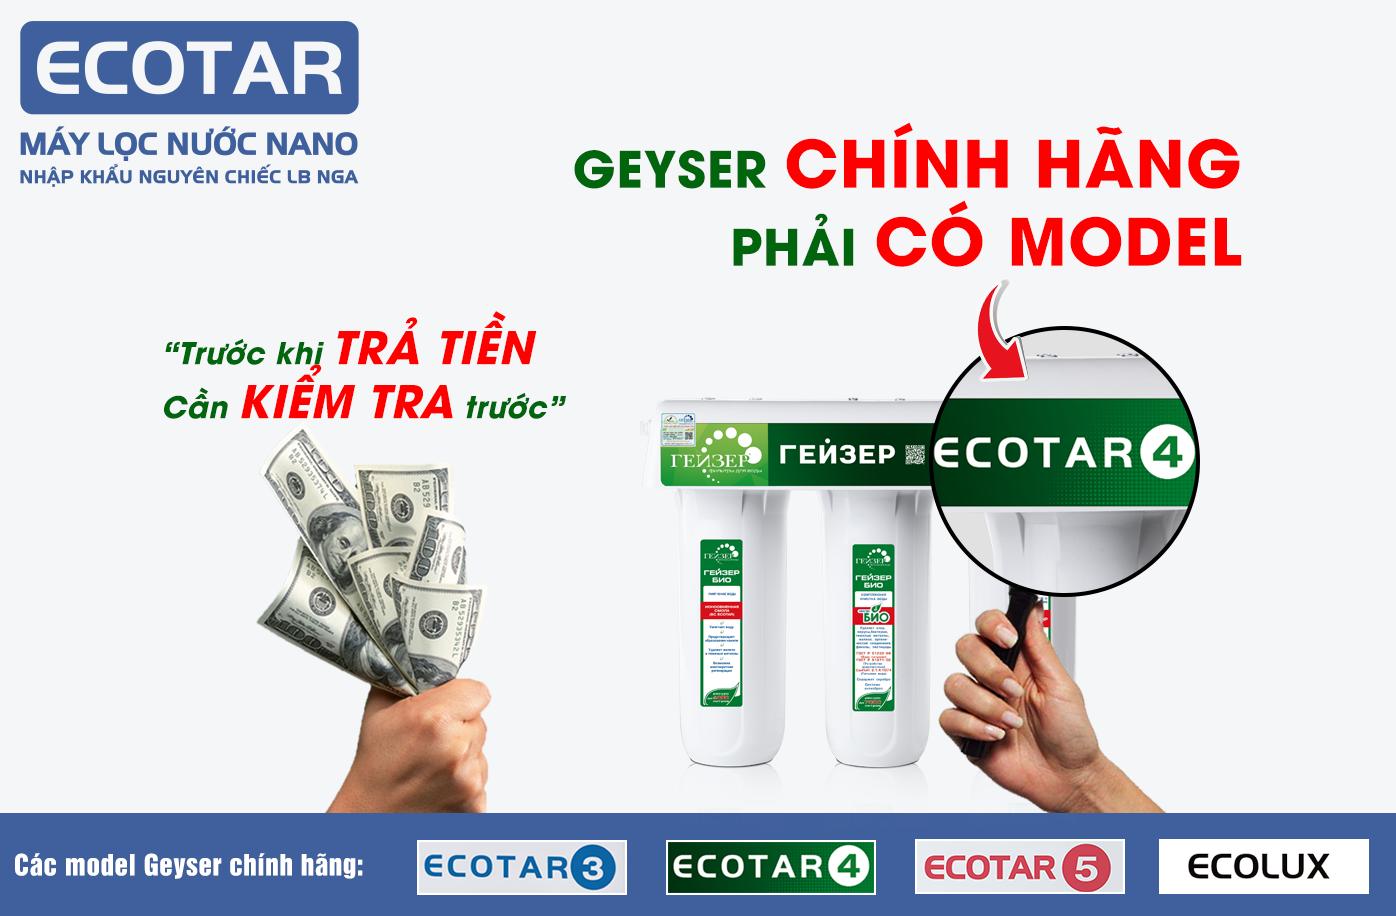 Nhận diện máy lọc nước nano Geyser Ecotar 4